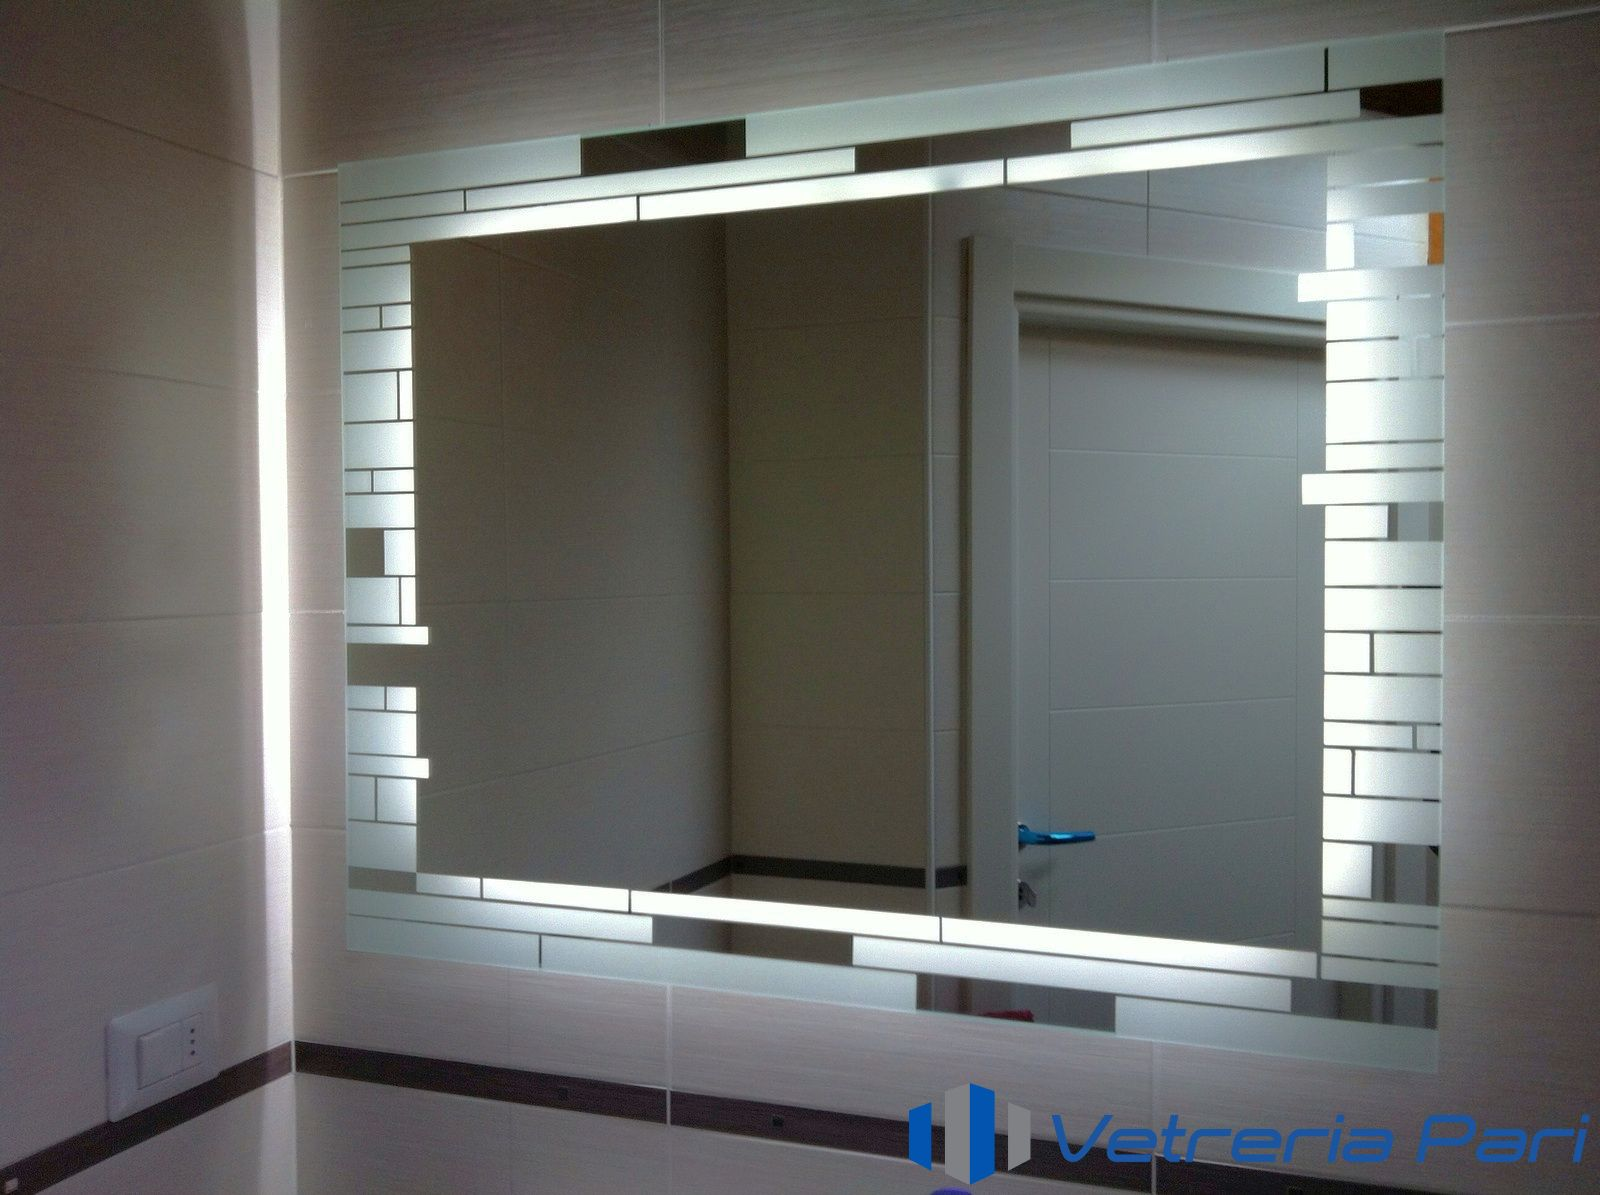 Specchi Decorati Per Bagno.Realizzazione Specchi Vetreria A Rimini Vetreria Pari